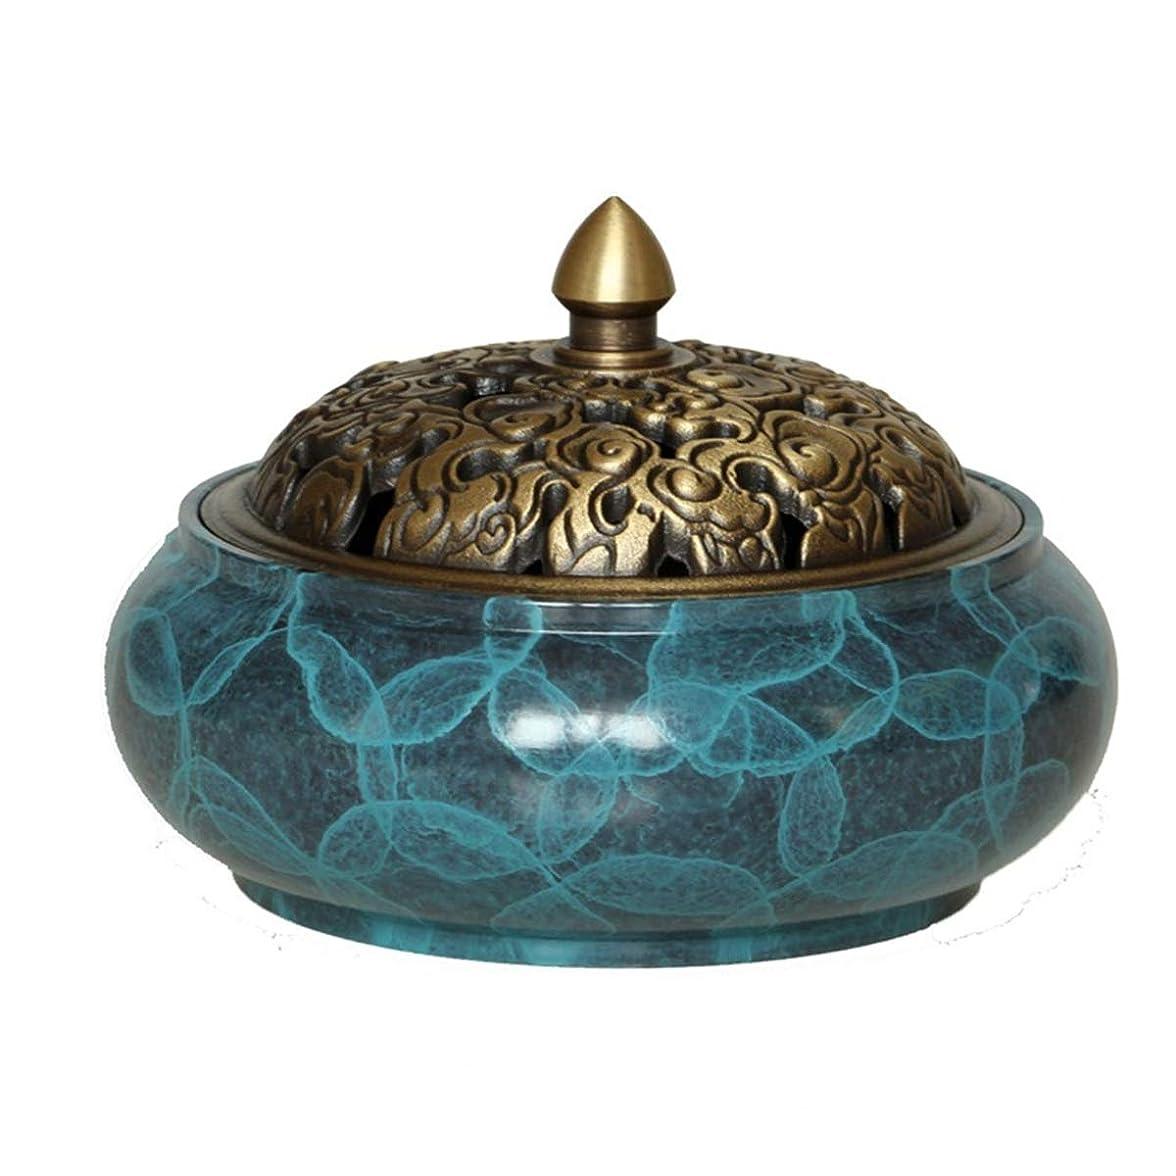 楽しい適切なバンド銅線香ホルダーバーナー銅製の灰キャッチャートレイボウル、家、オフィス、茶屋、瞑想、ヨガなどのための真鍮線香ホルダー